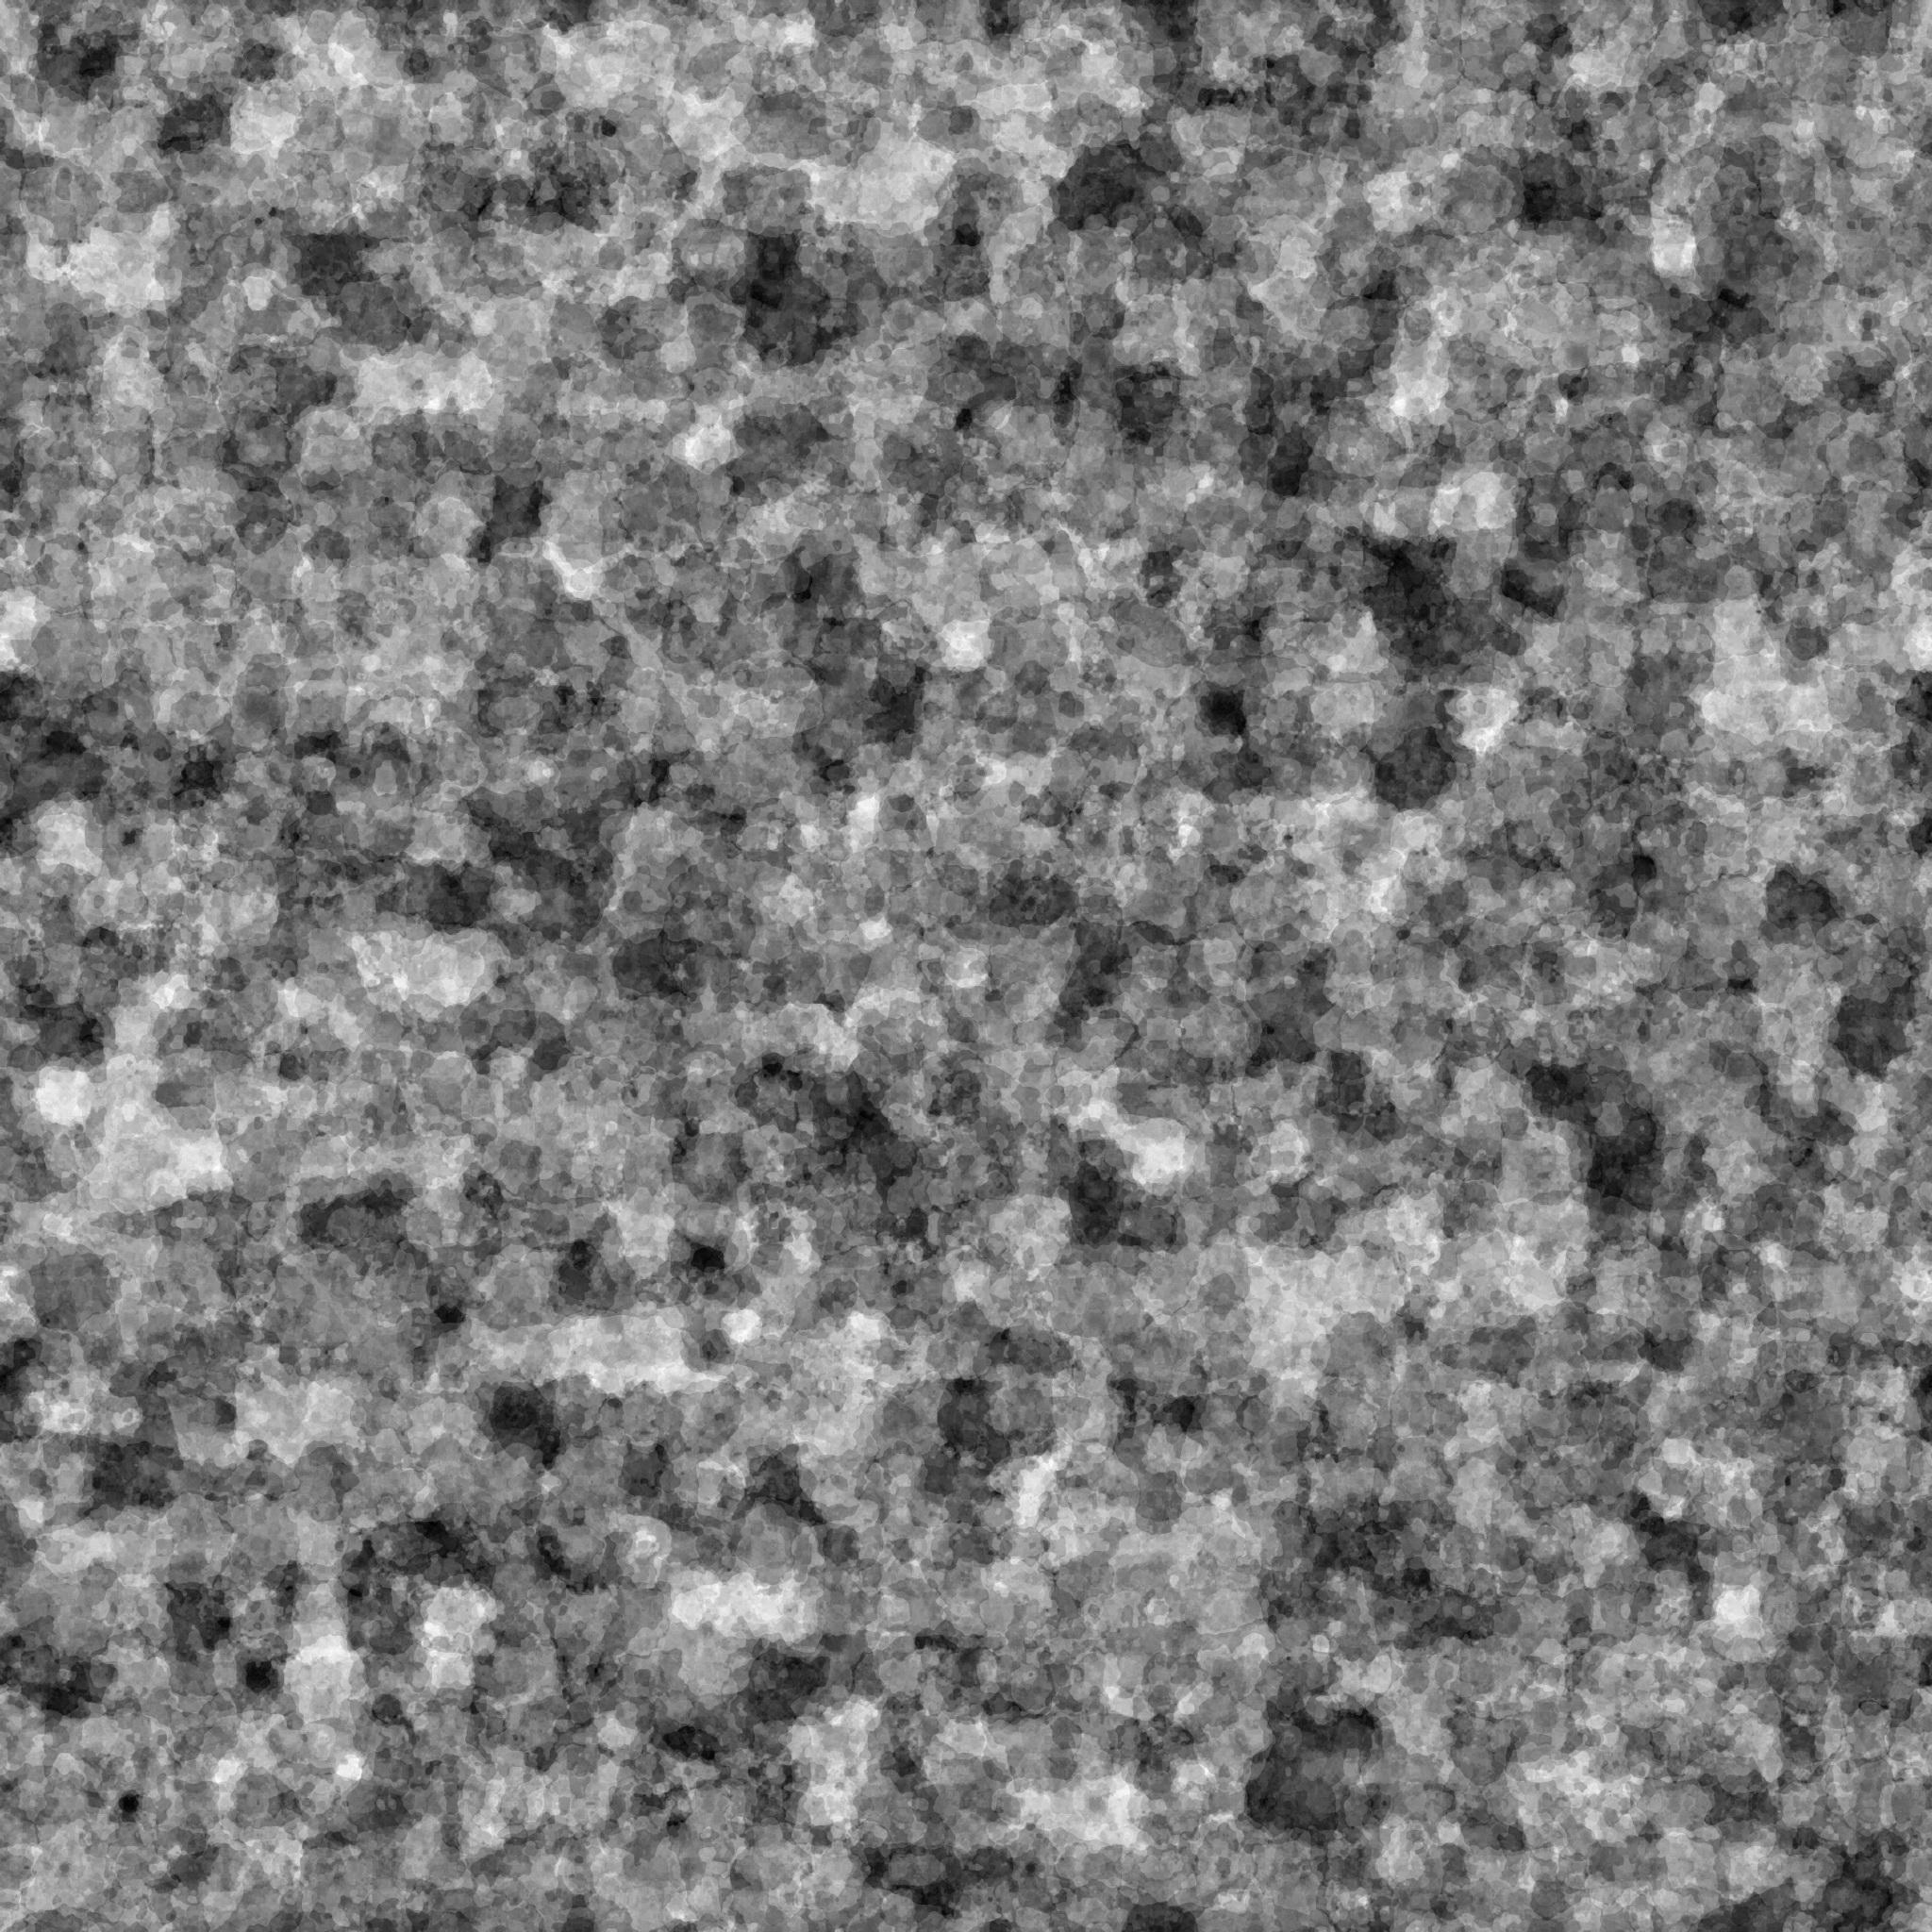 300 Noise And Pattern Textures Eduardo Roa Portfolio